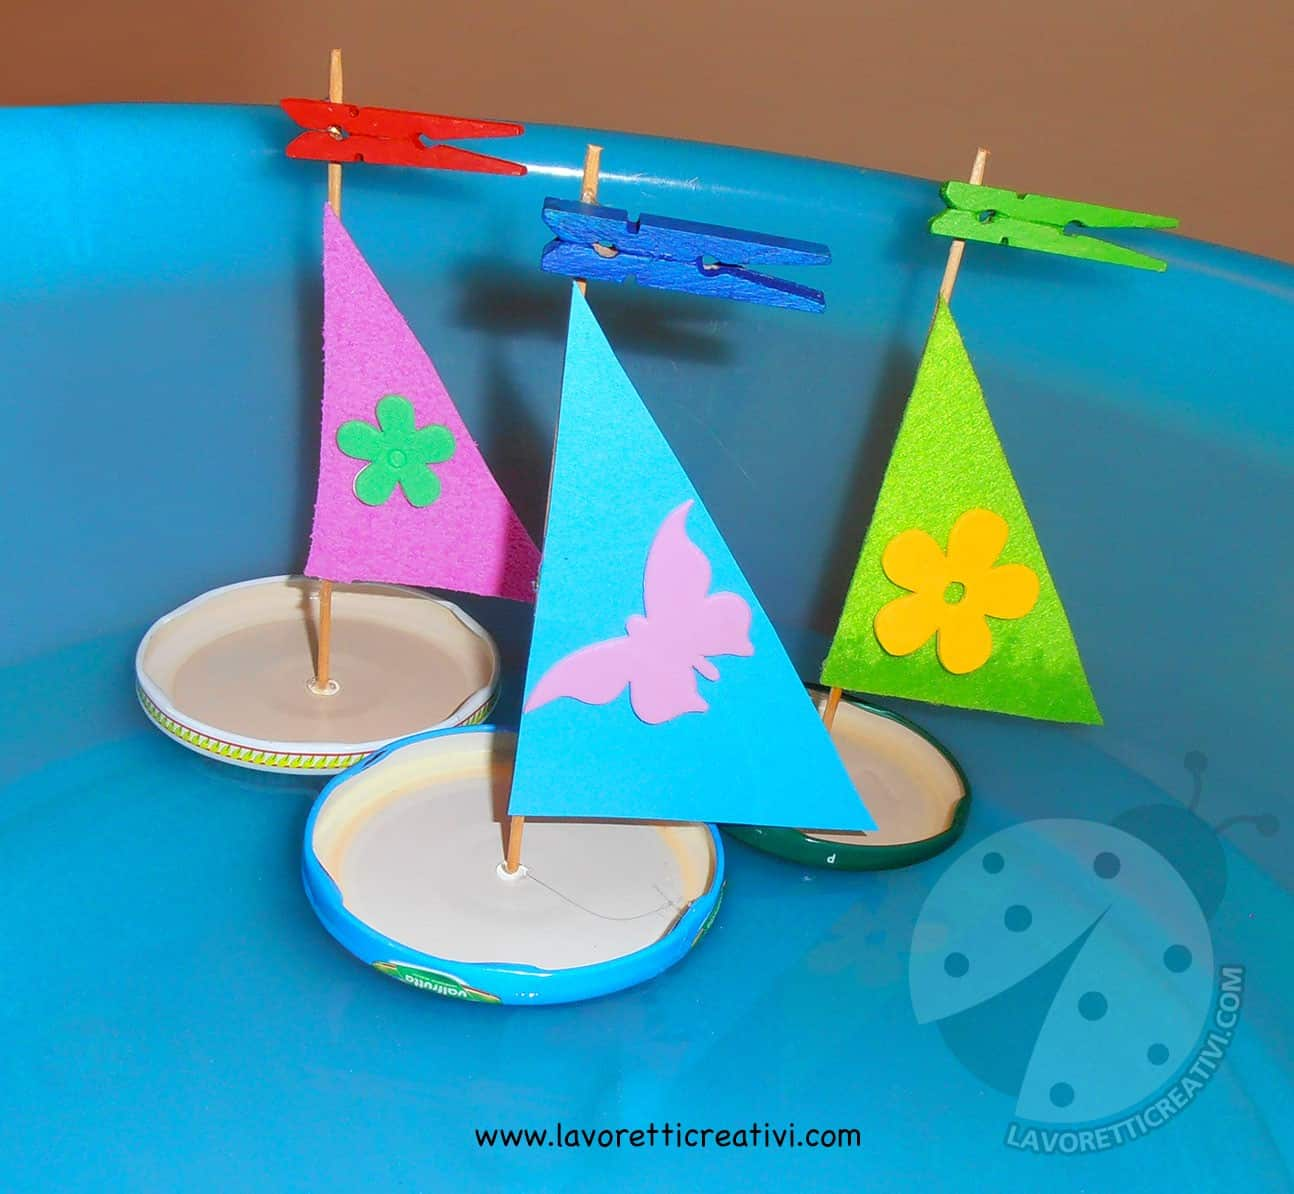 Barche a vela in materiale riciclato